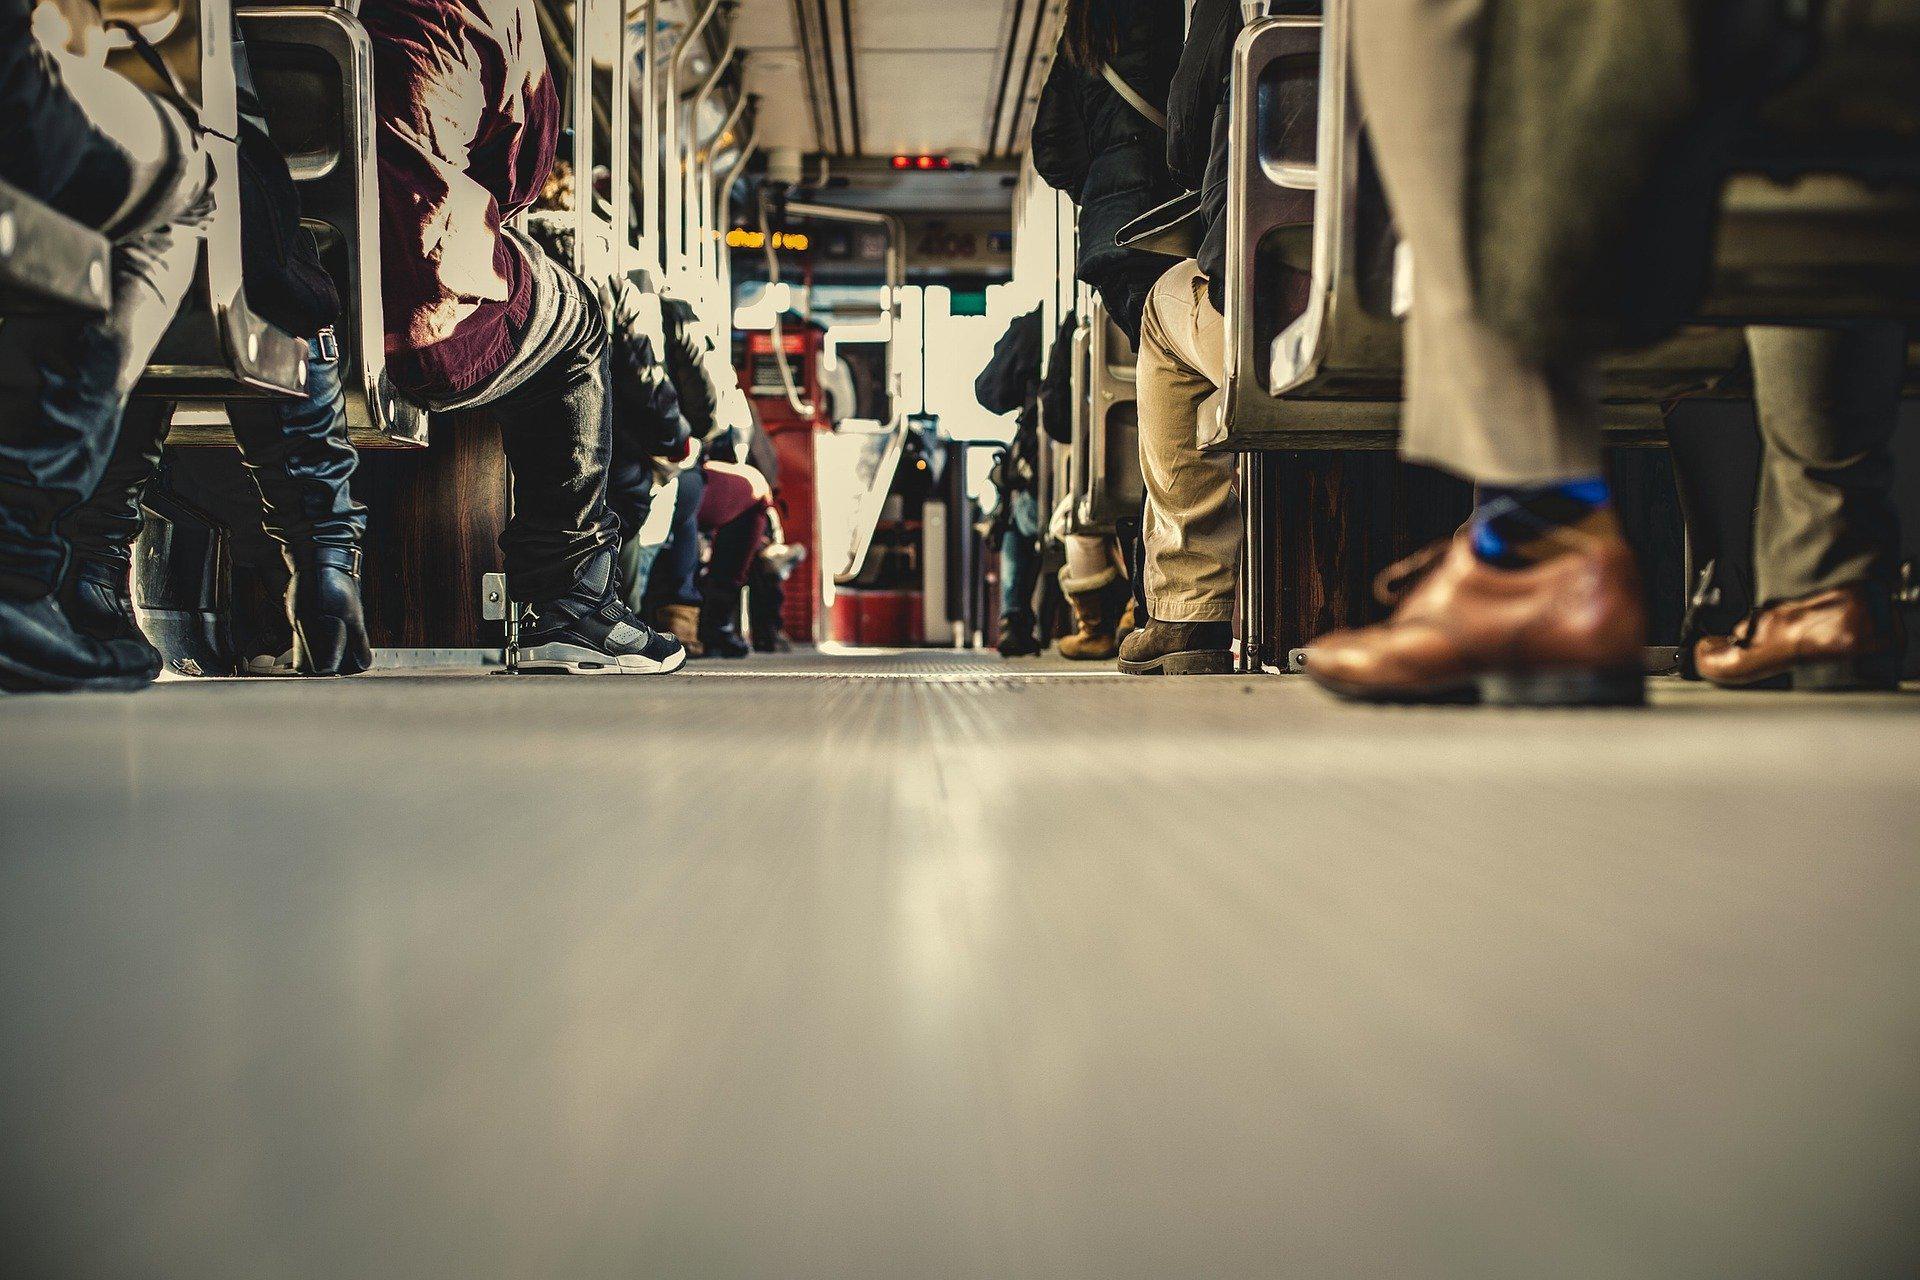 Komunikacja miejska a dojazd do pracy. Komu się opłaca?